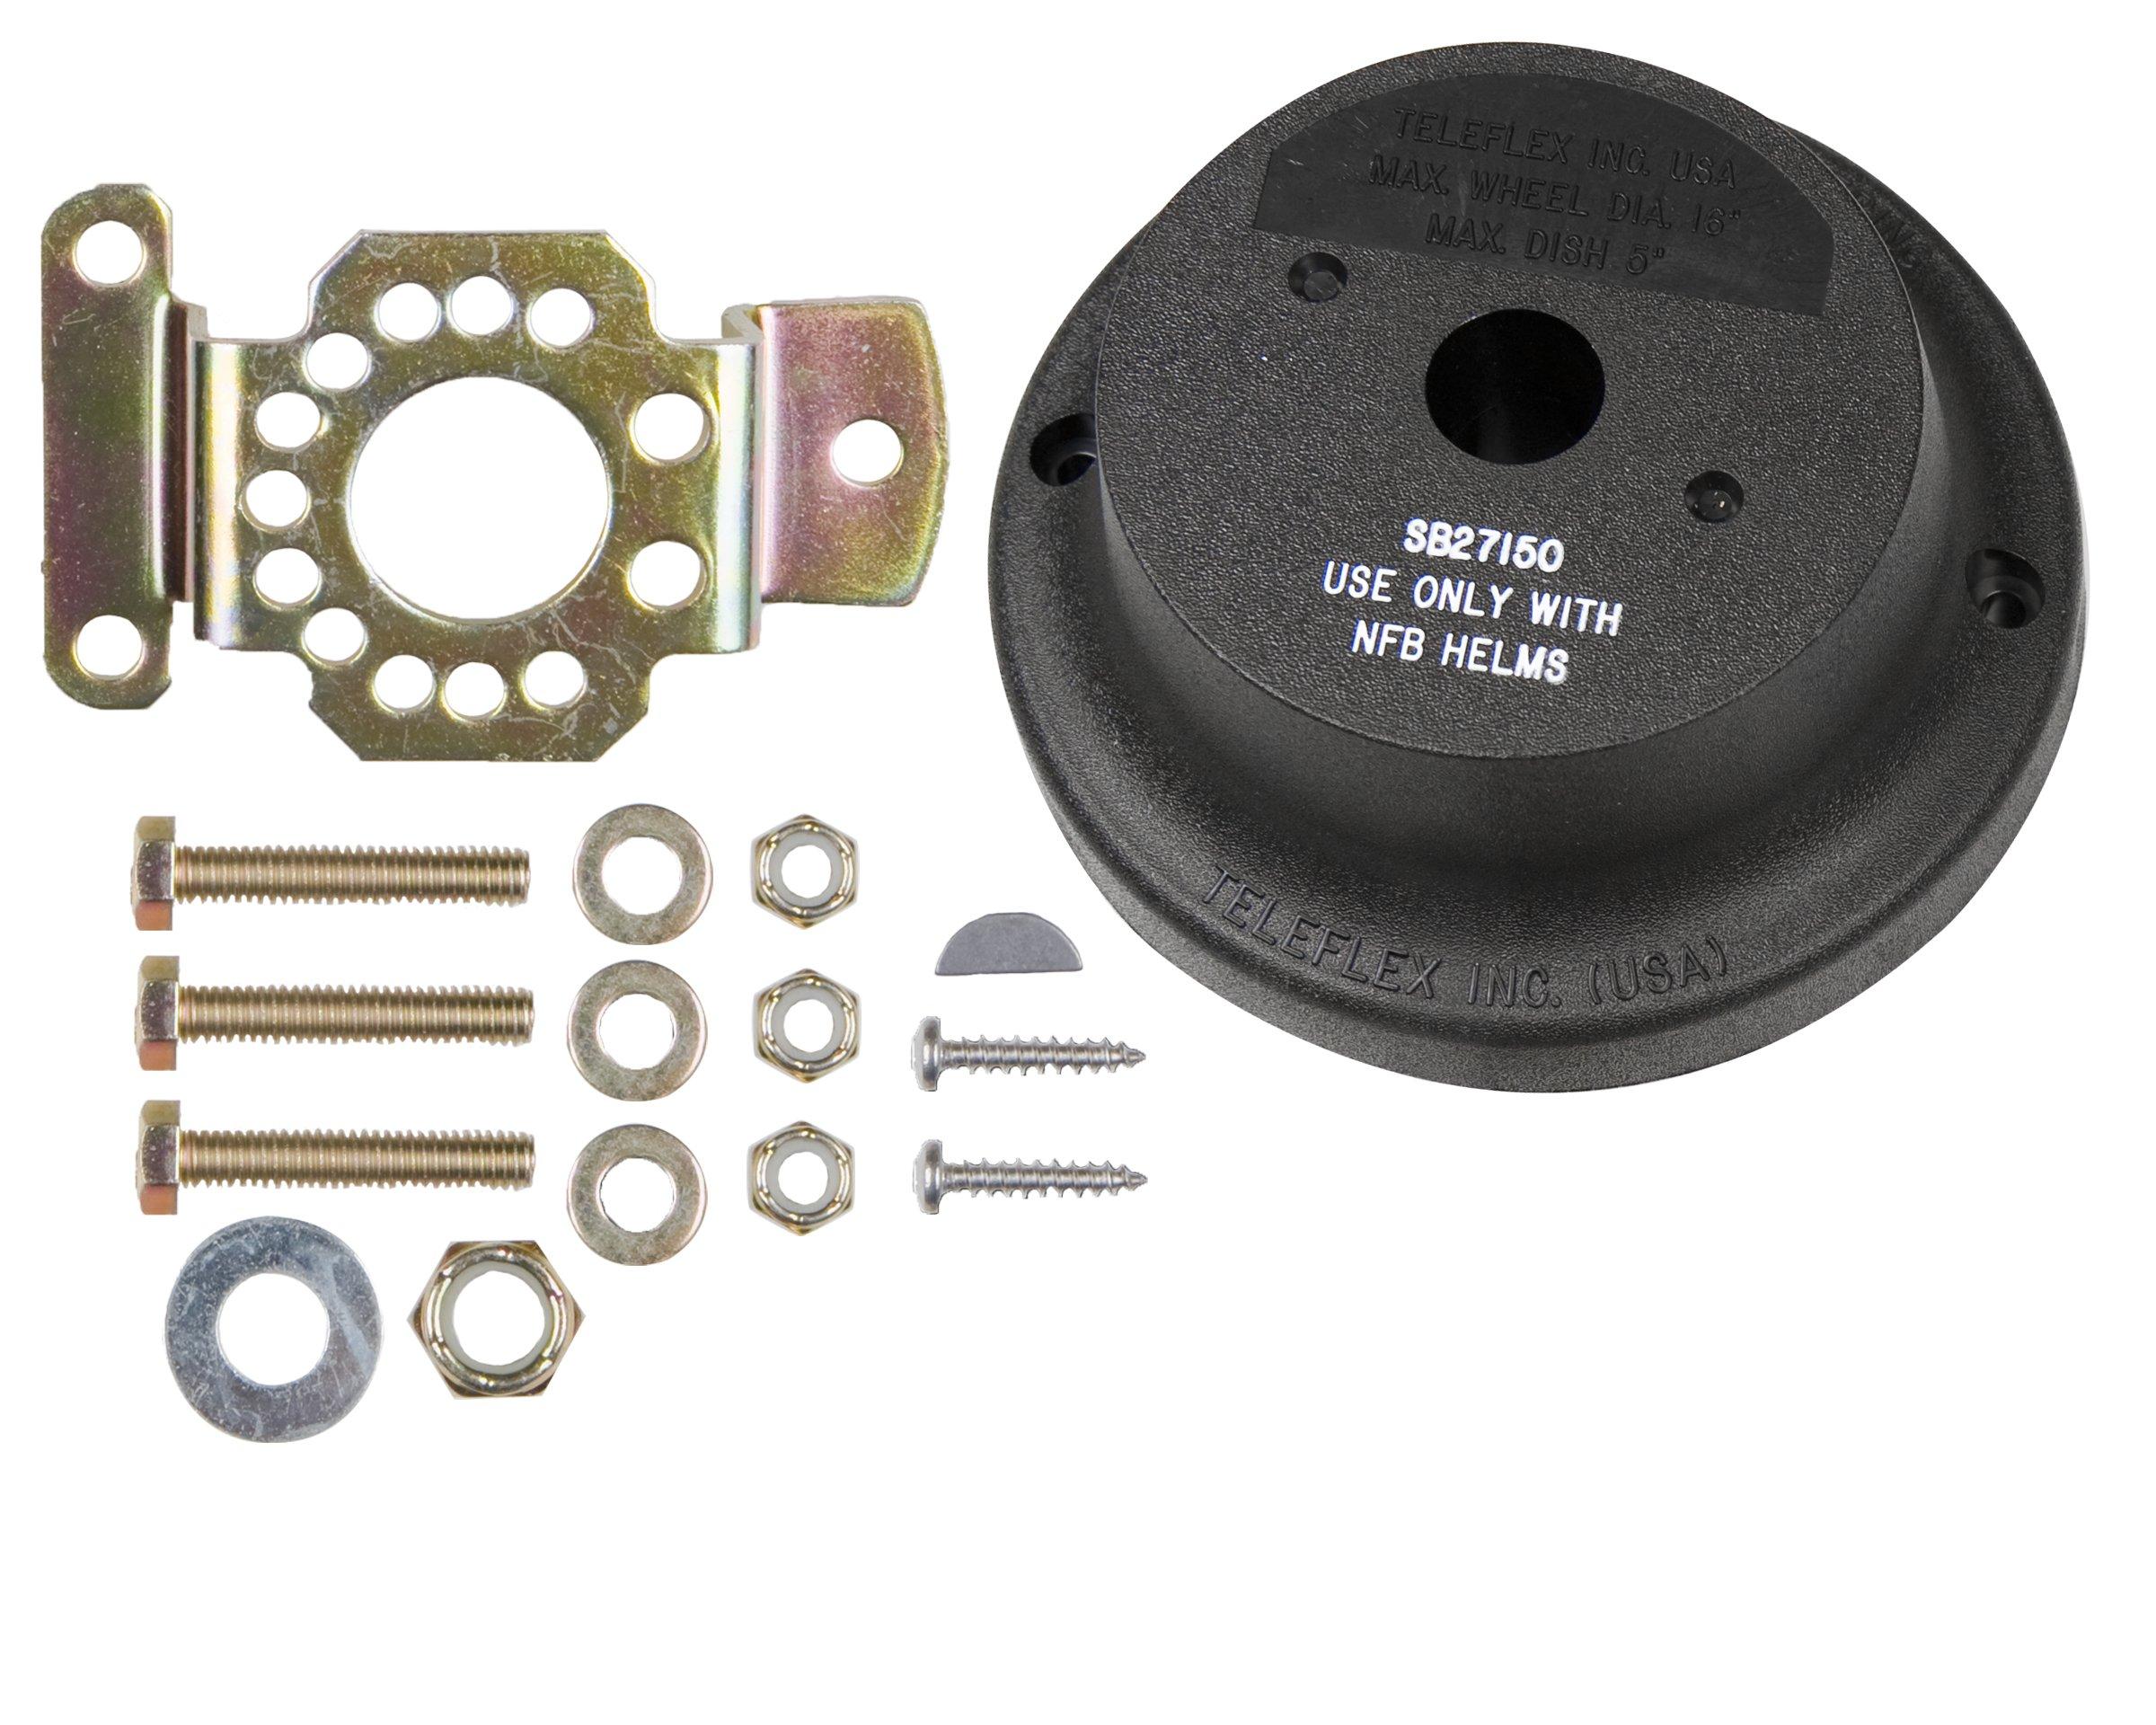 SeaStar Solutions SB27150P NFB (No Feedback) 4.2 Rotary Steering Bezel - 90°